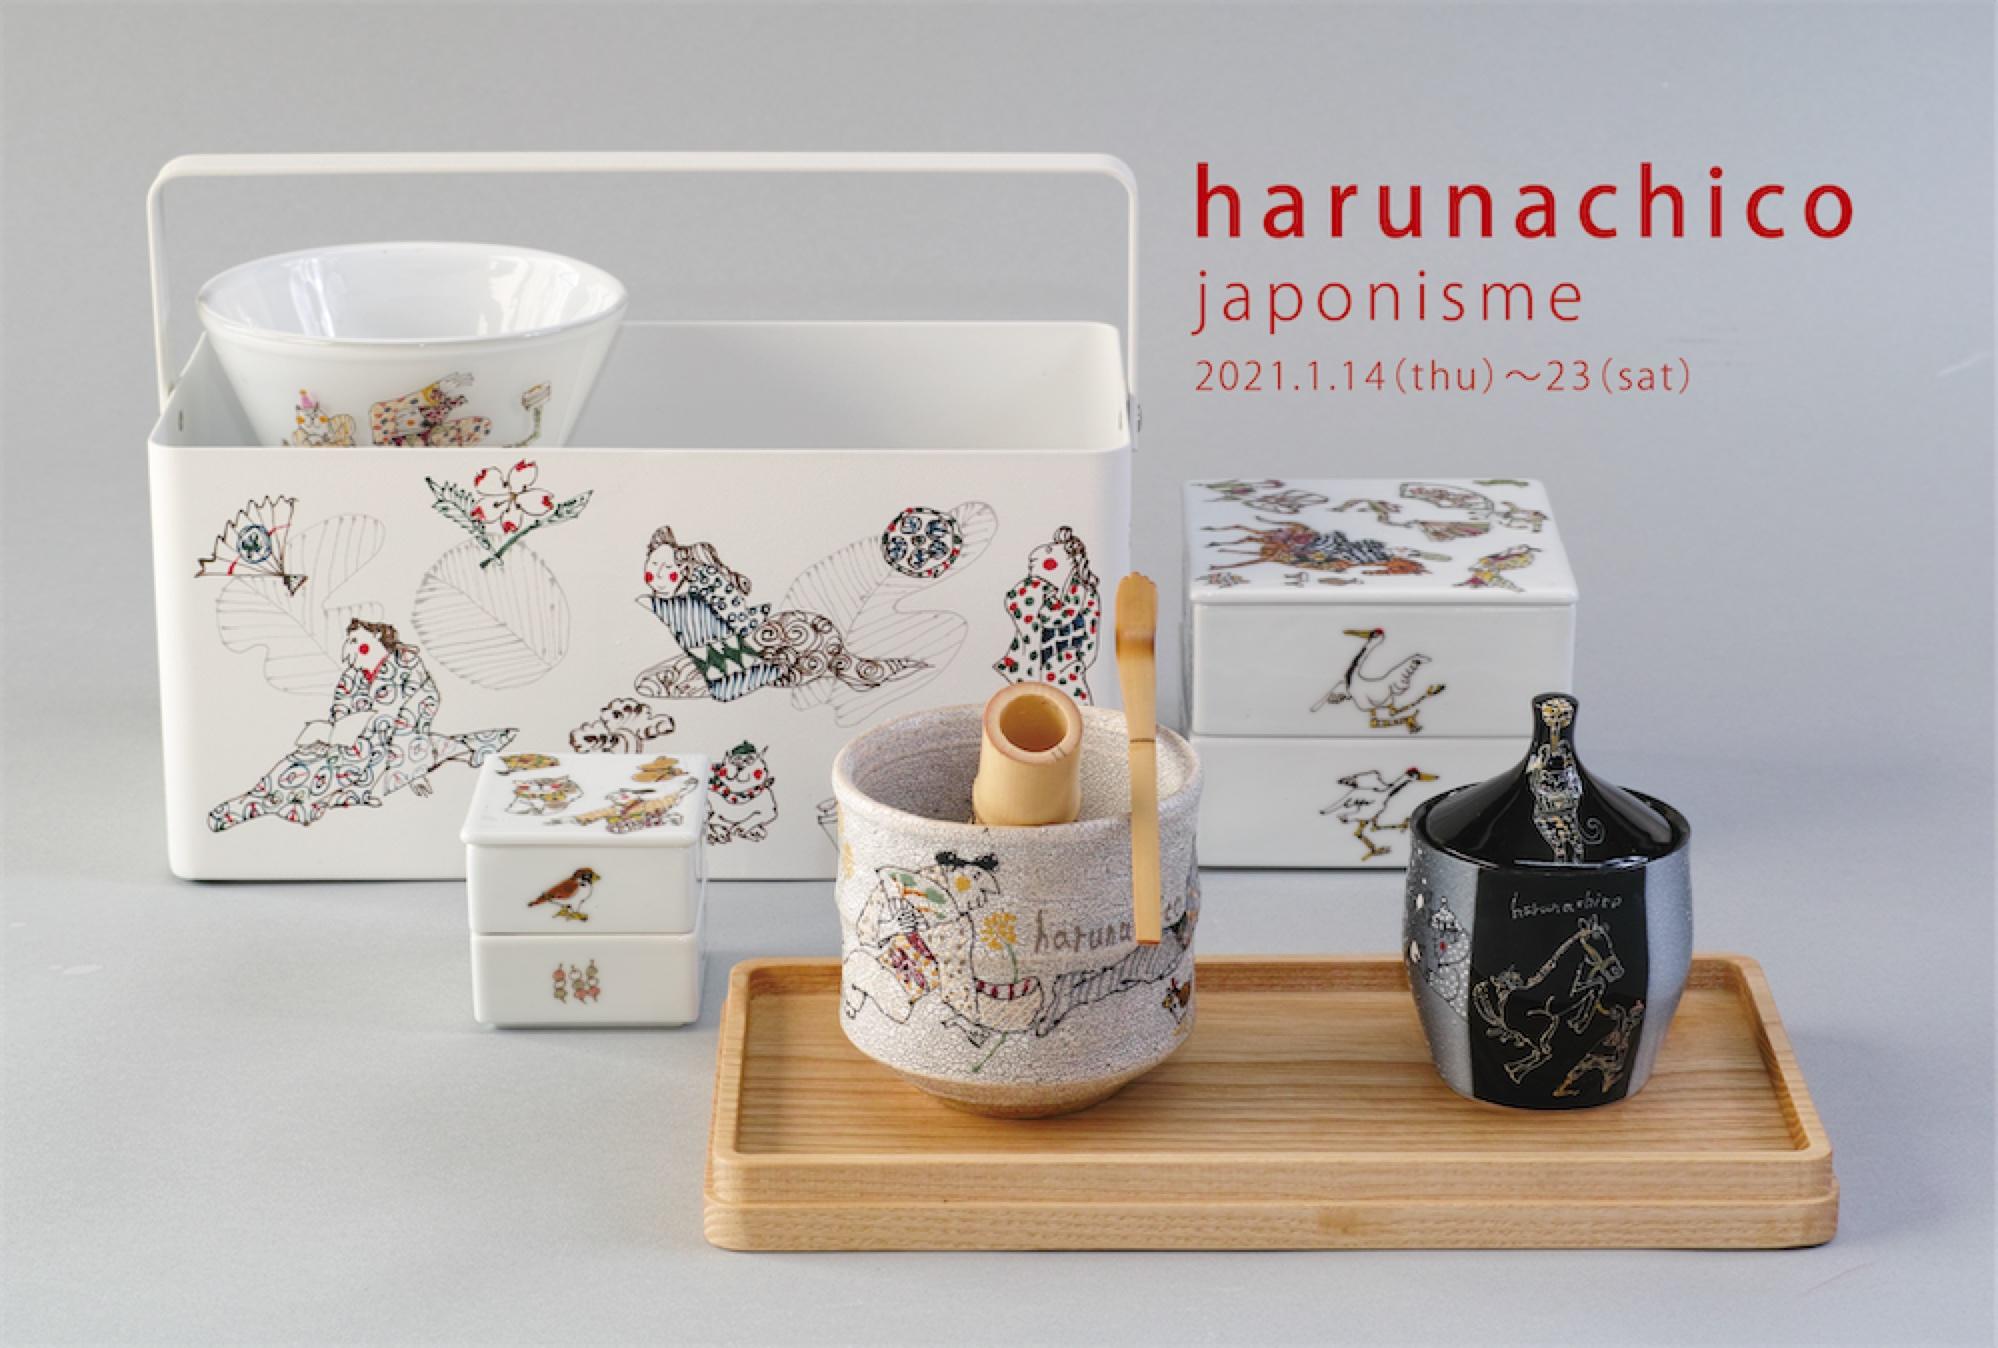 【店内イベント】harunachico -ハルナチコジャポニズム-